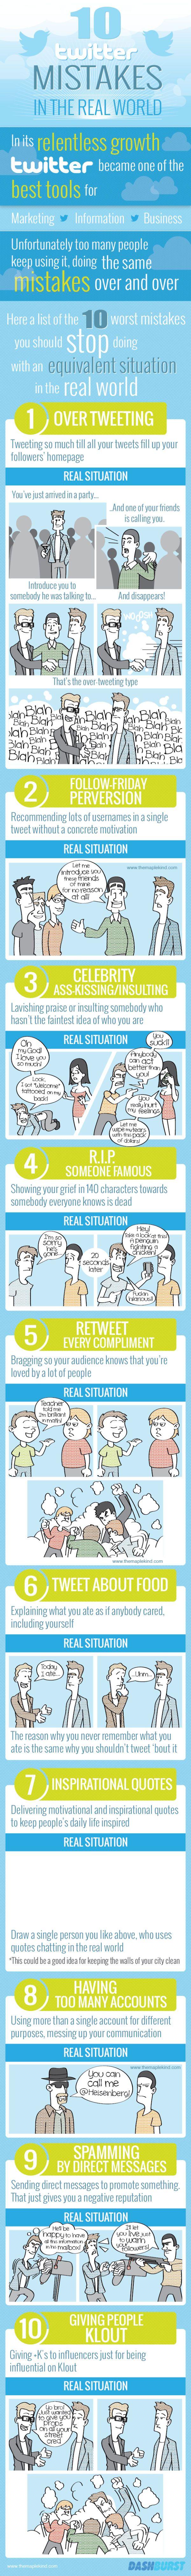 297 best HFDC Social Media Info images on Pinterest   Social media ...